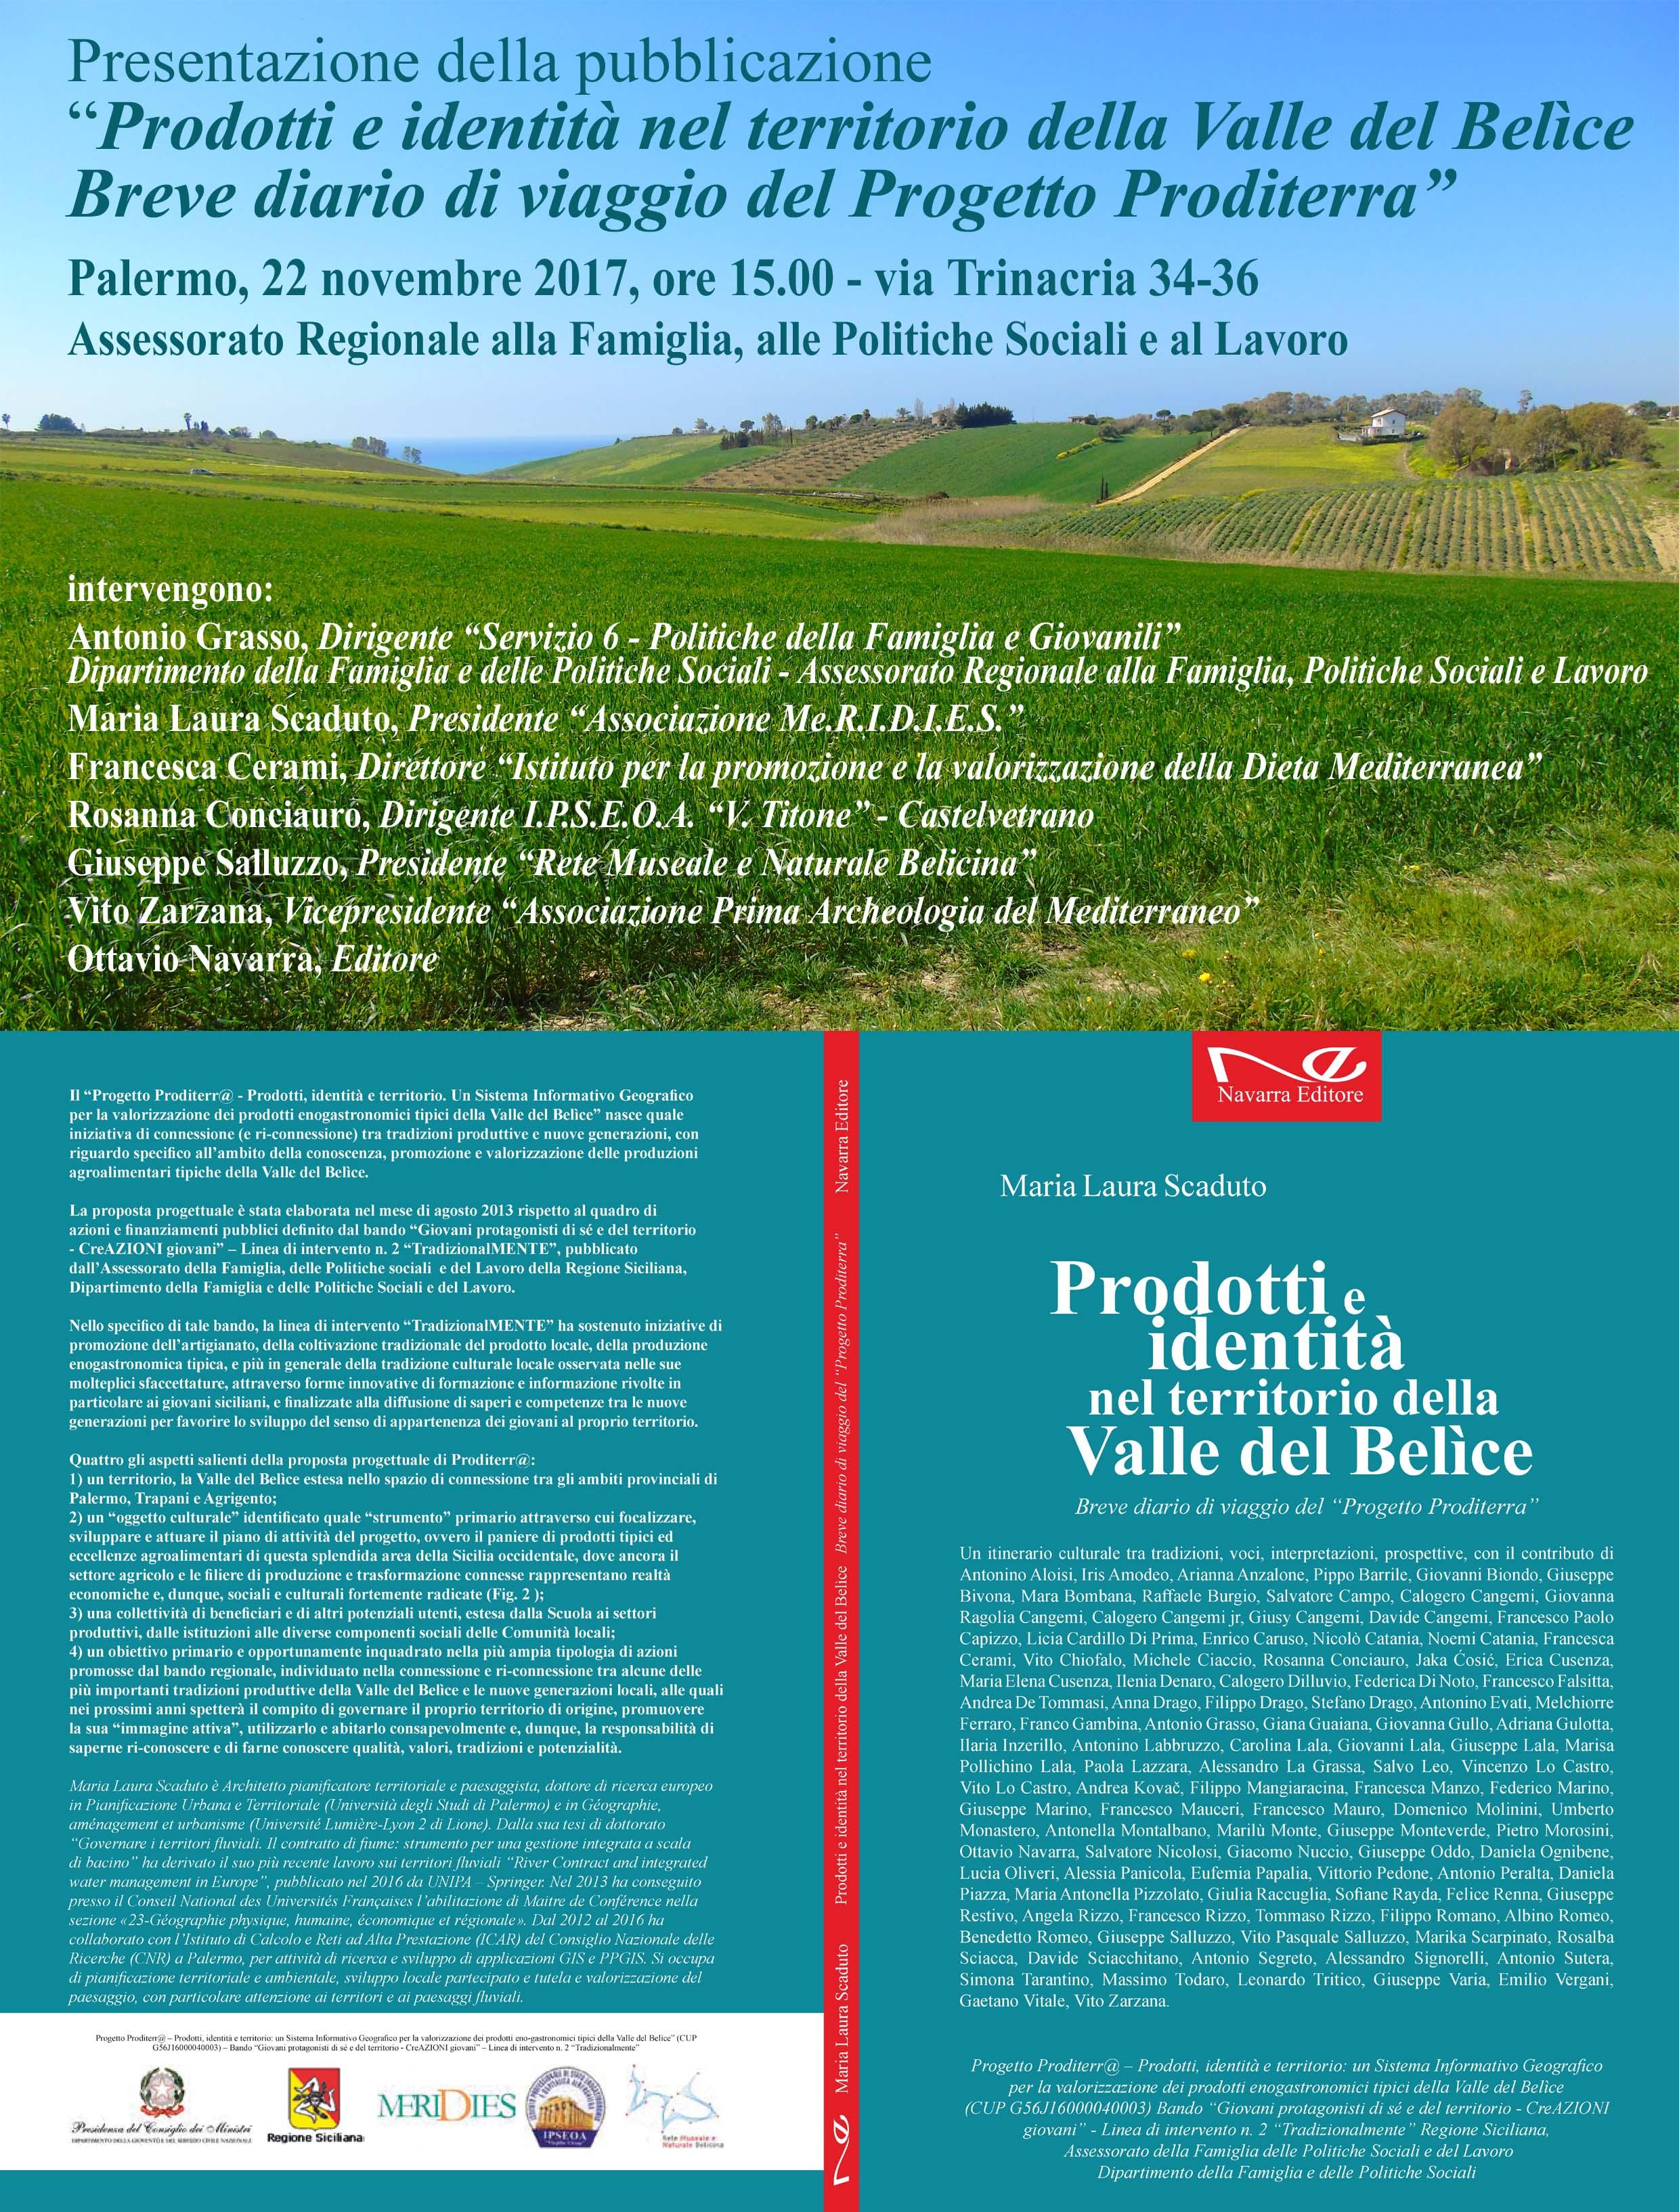 Presentazione della pubblicazione finale del Progetto Proditerra, Palermo 22.11.2017